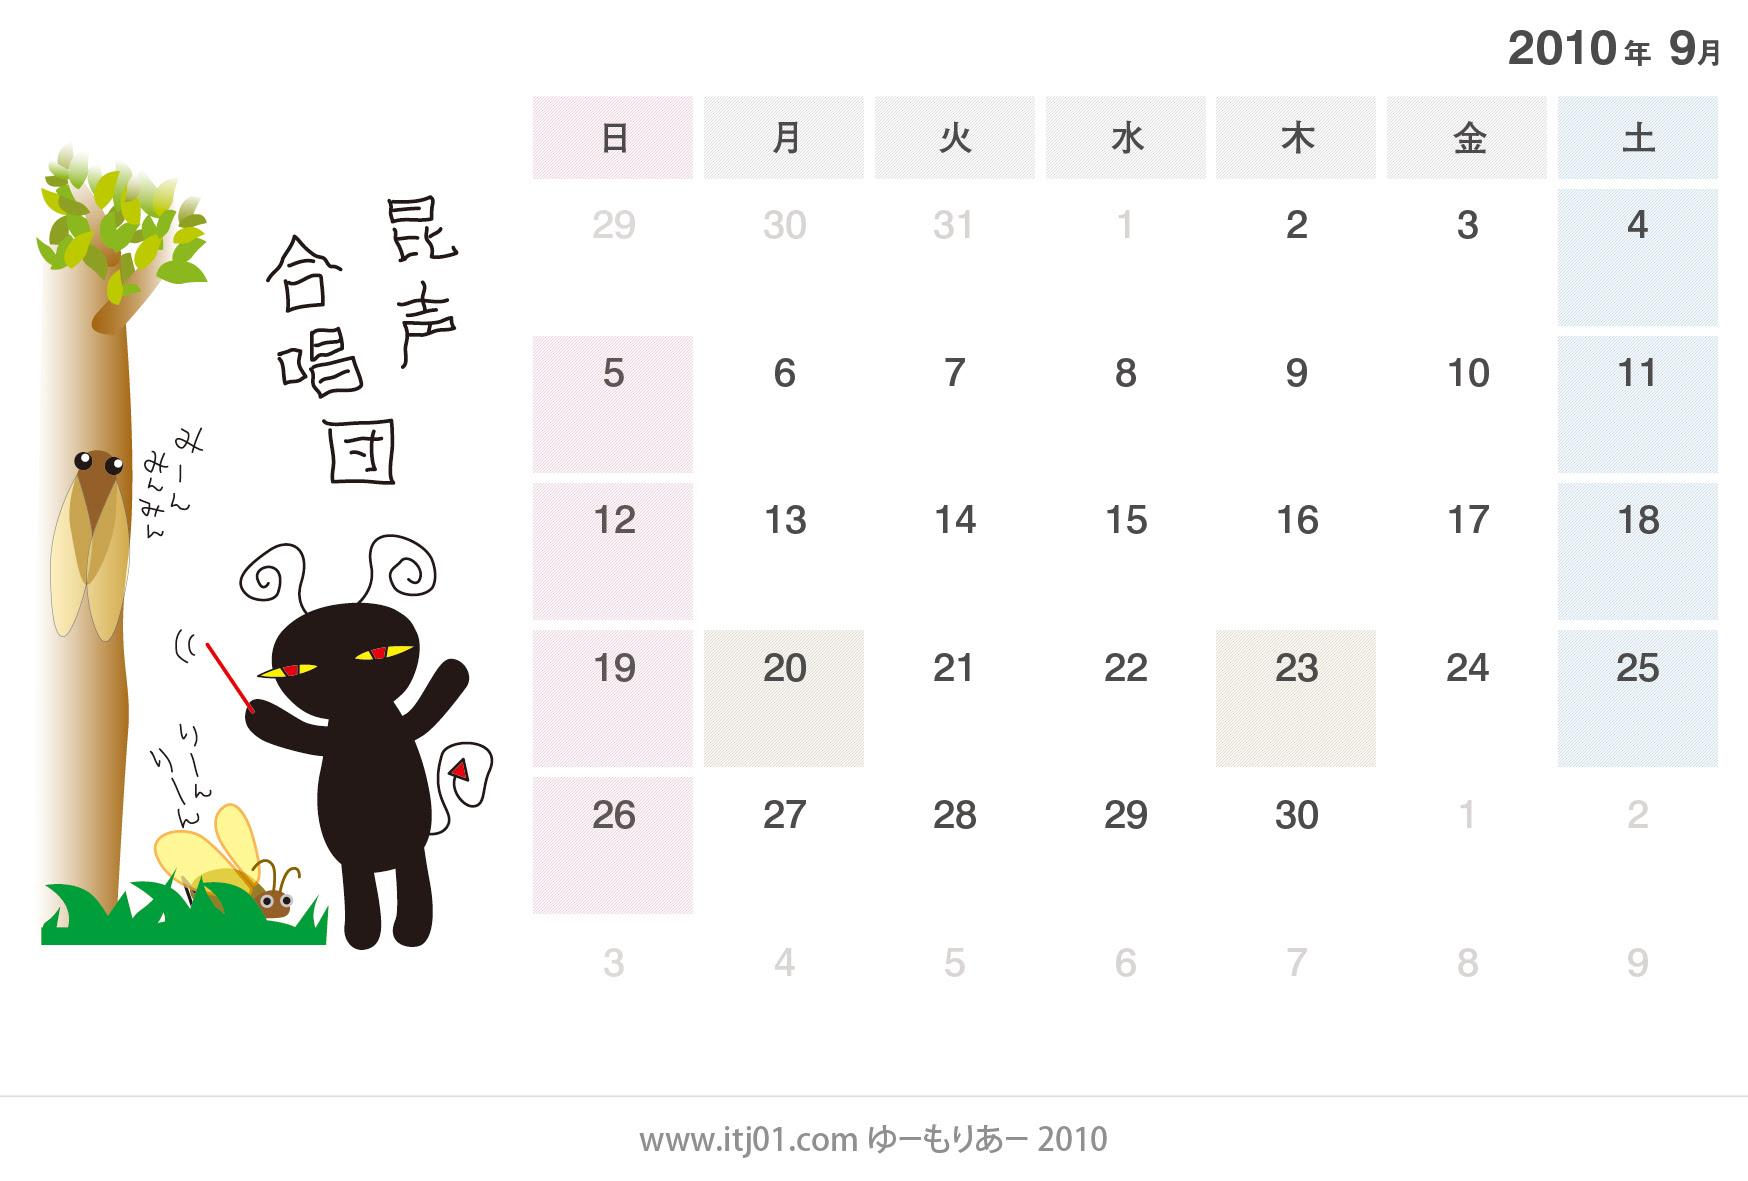 無料イラストかわいい卓上カレンダー2010年9月 昆声合唱団 ゆー